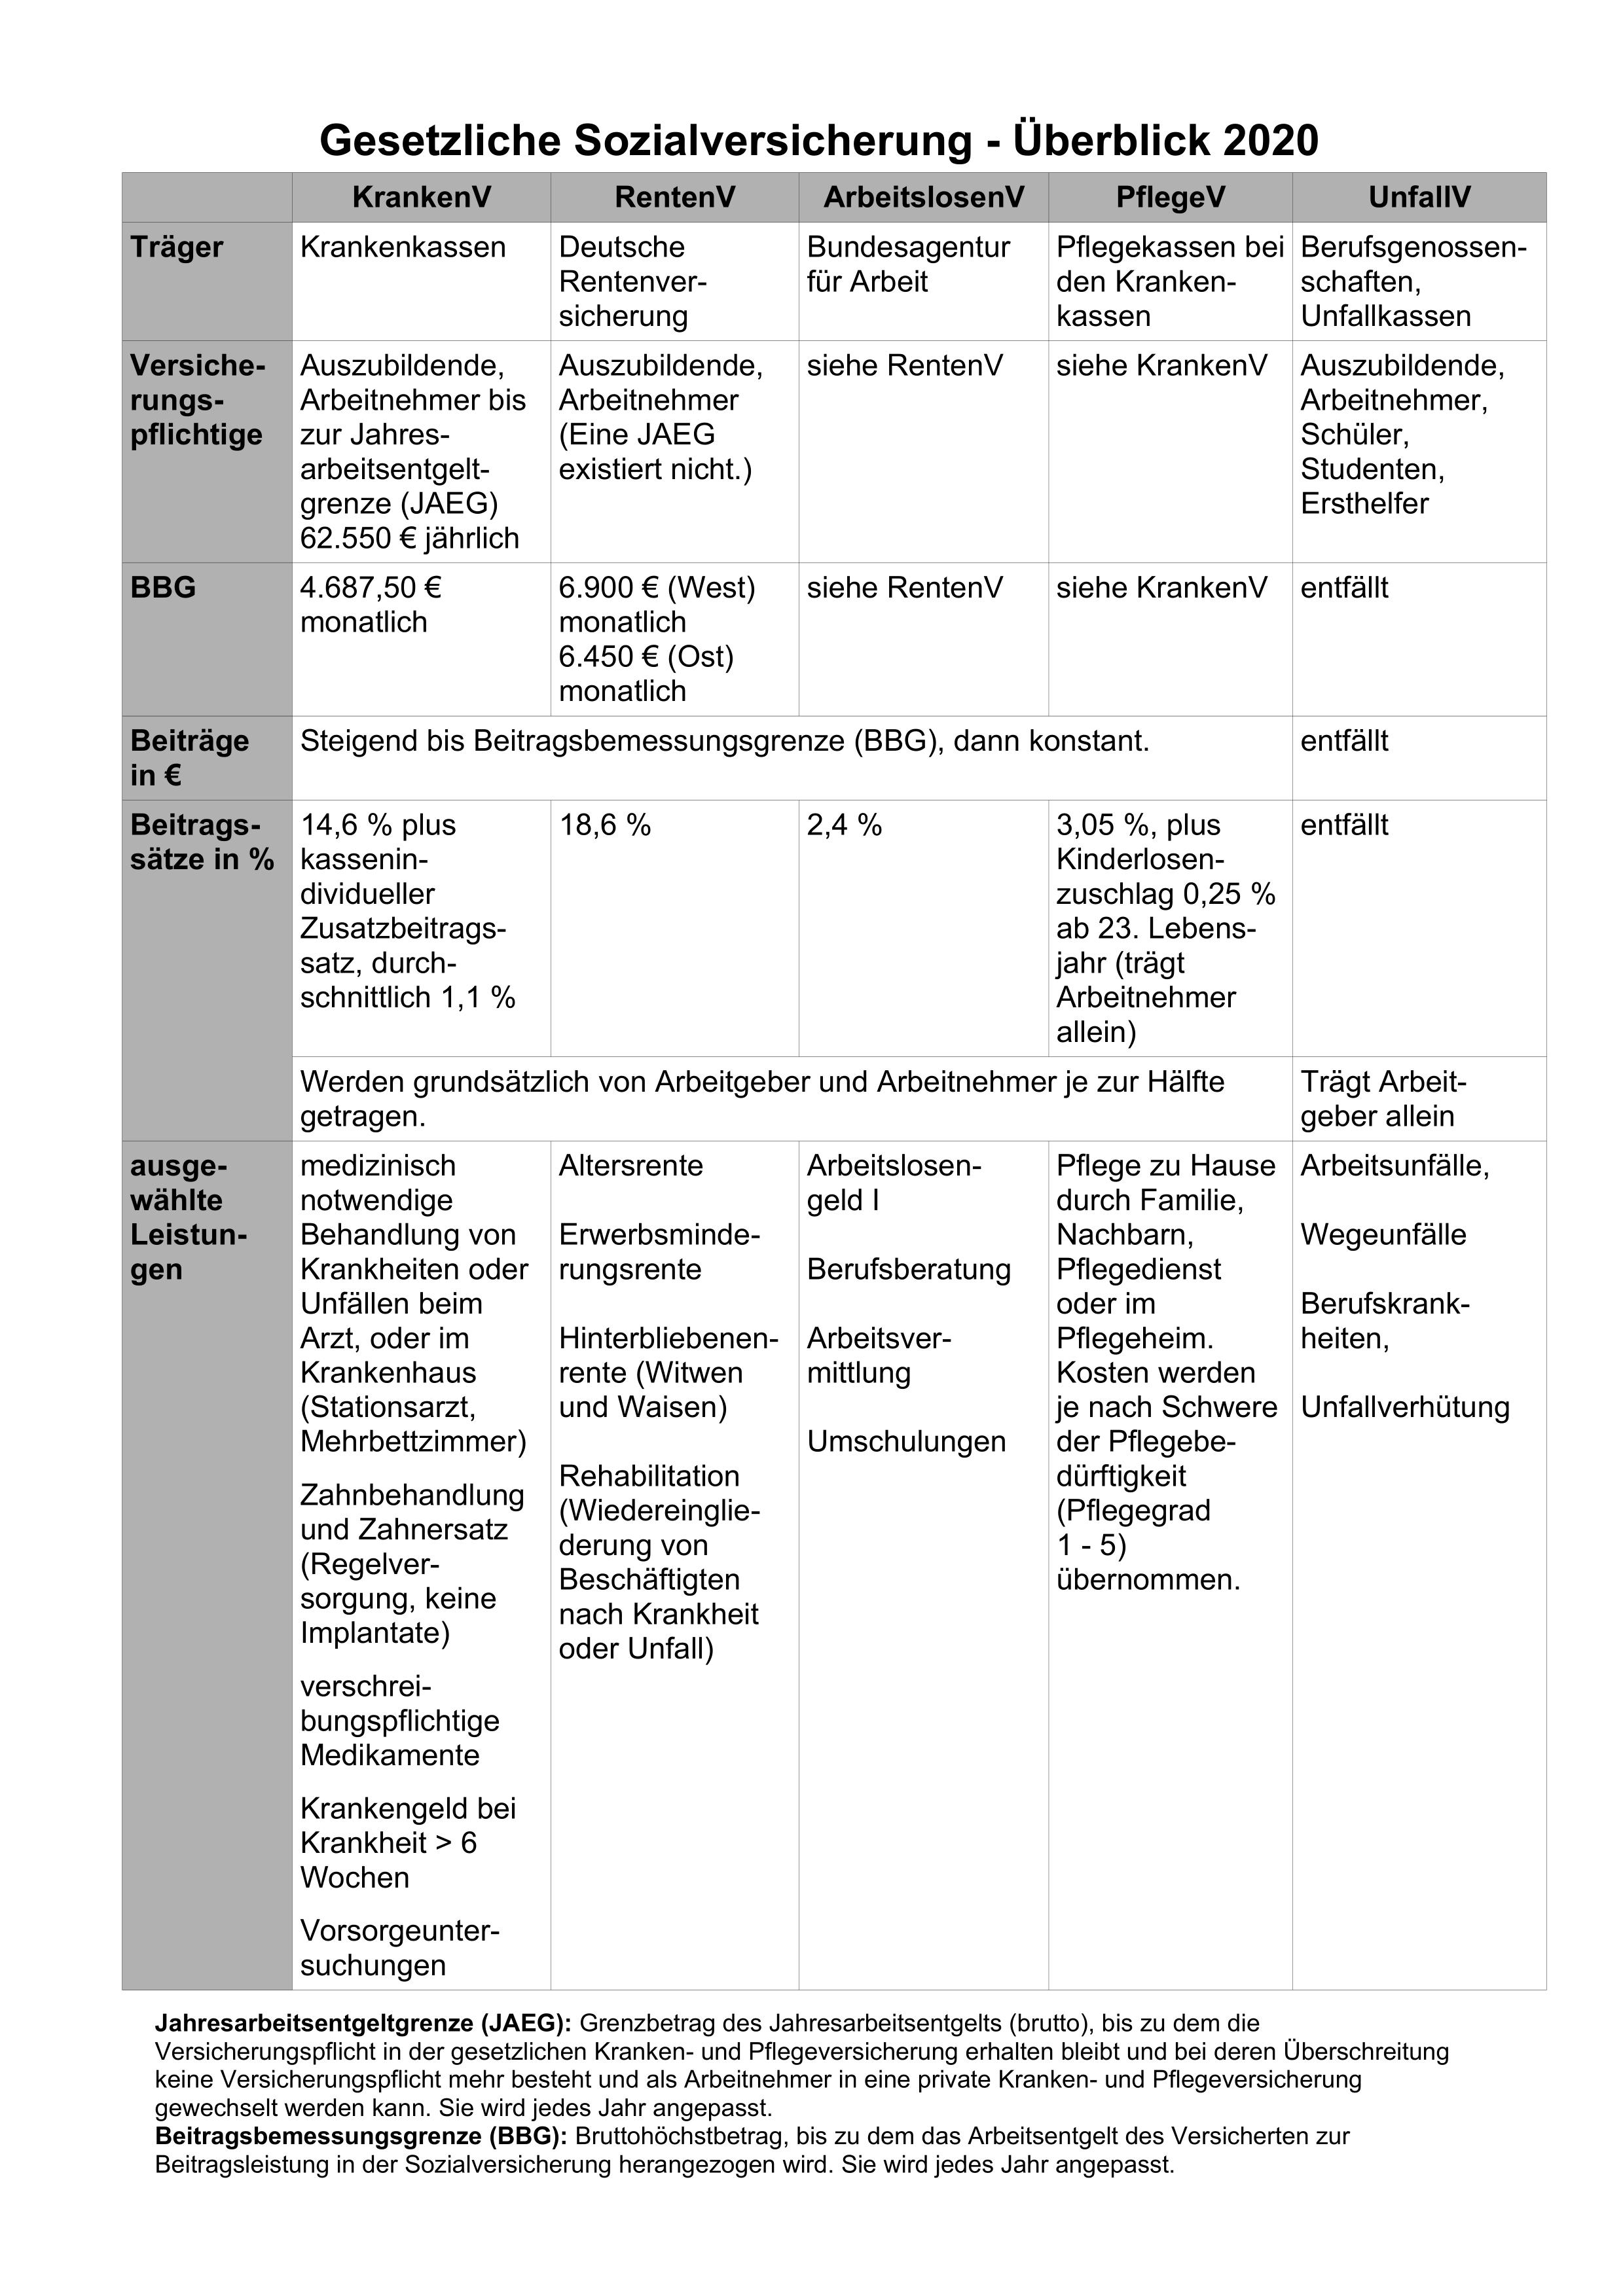 Gesetzliche Sozialversicherung Mit Ubungen 2020 Unterrichtsmaterial Im Fach Wirtschaft Versicherung Verwaltung Bs In 2020 Sozialversicherung Lernen Tipps Schule Lehrmittel